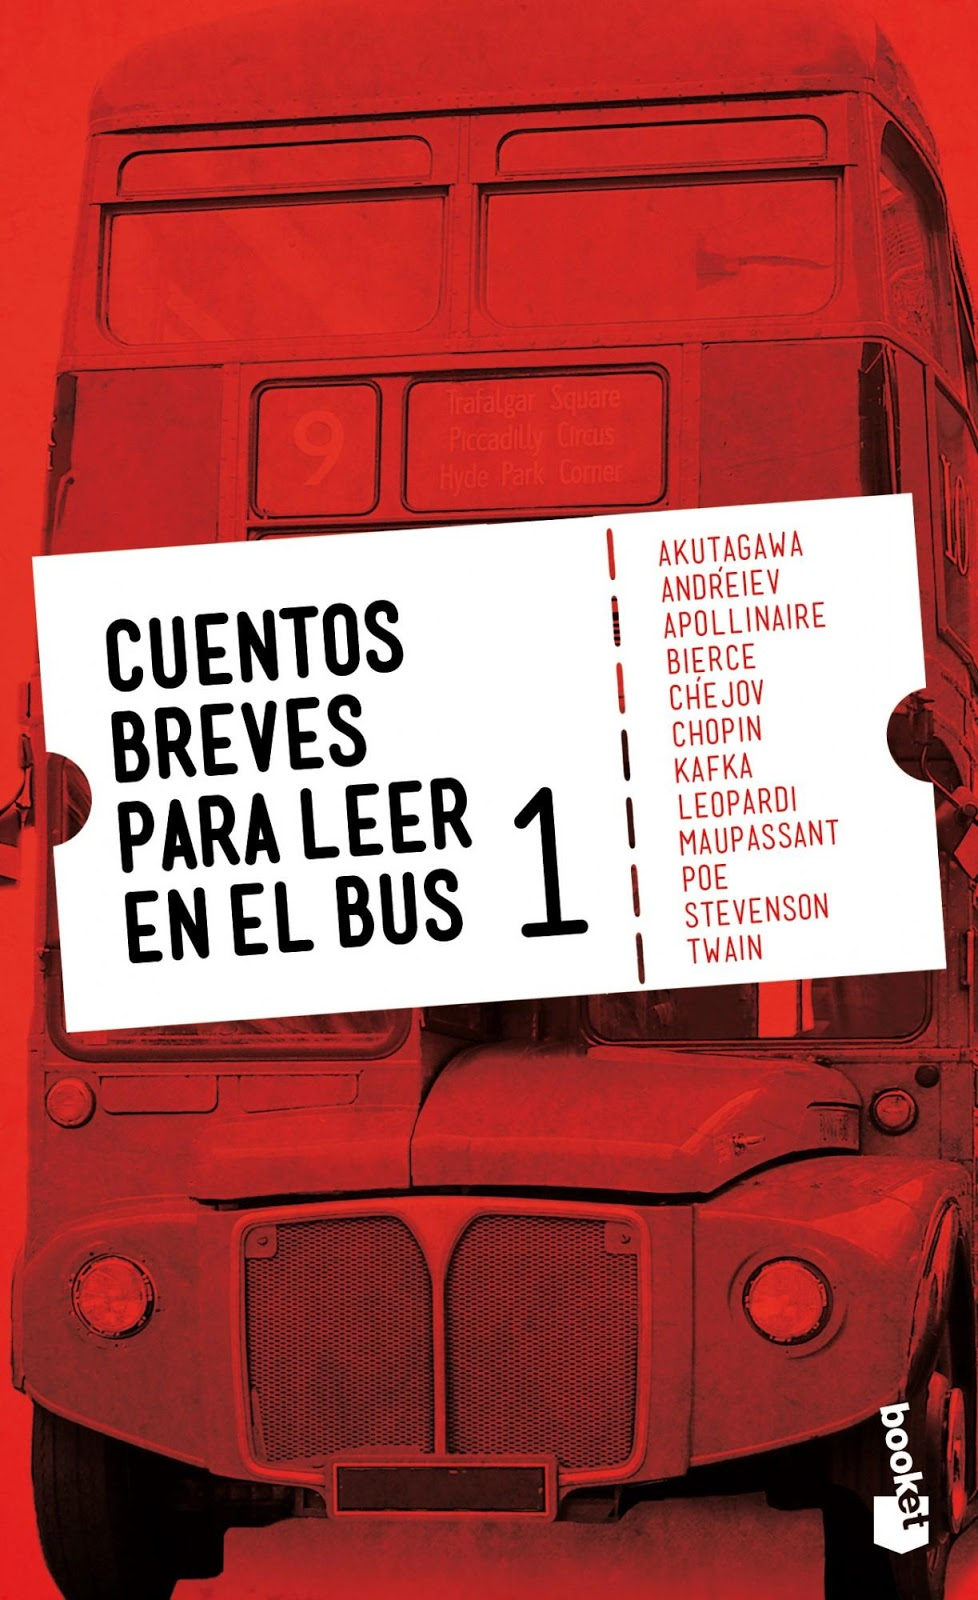 Cuentos breves para leer en el bus